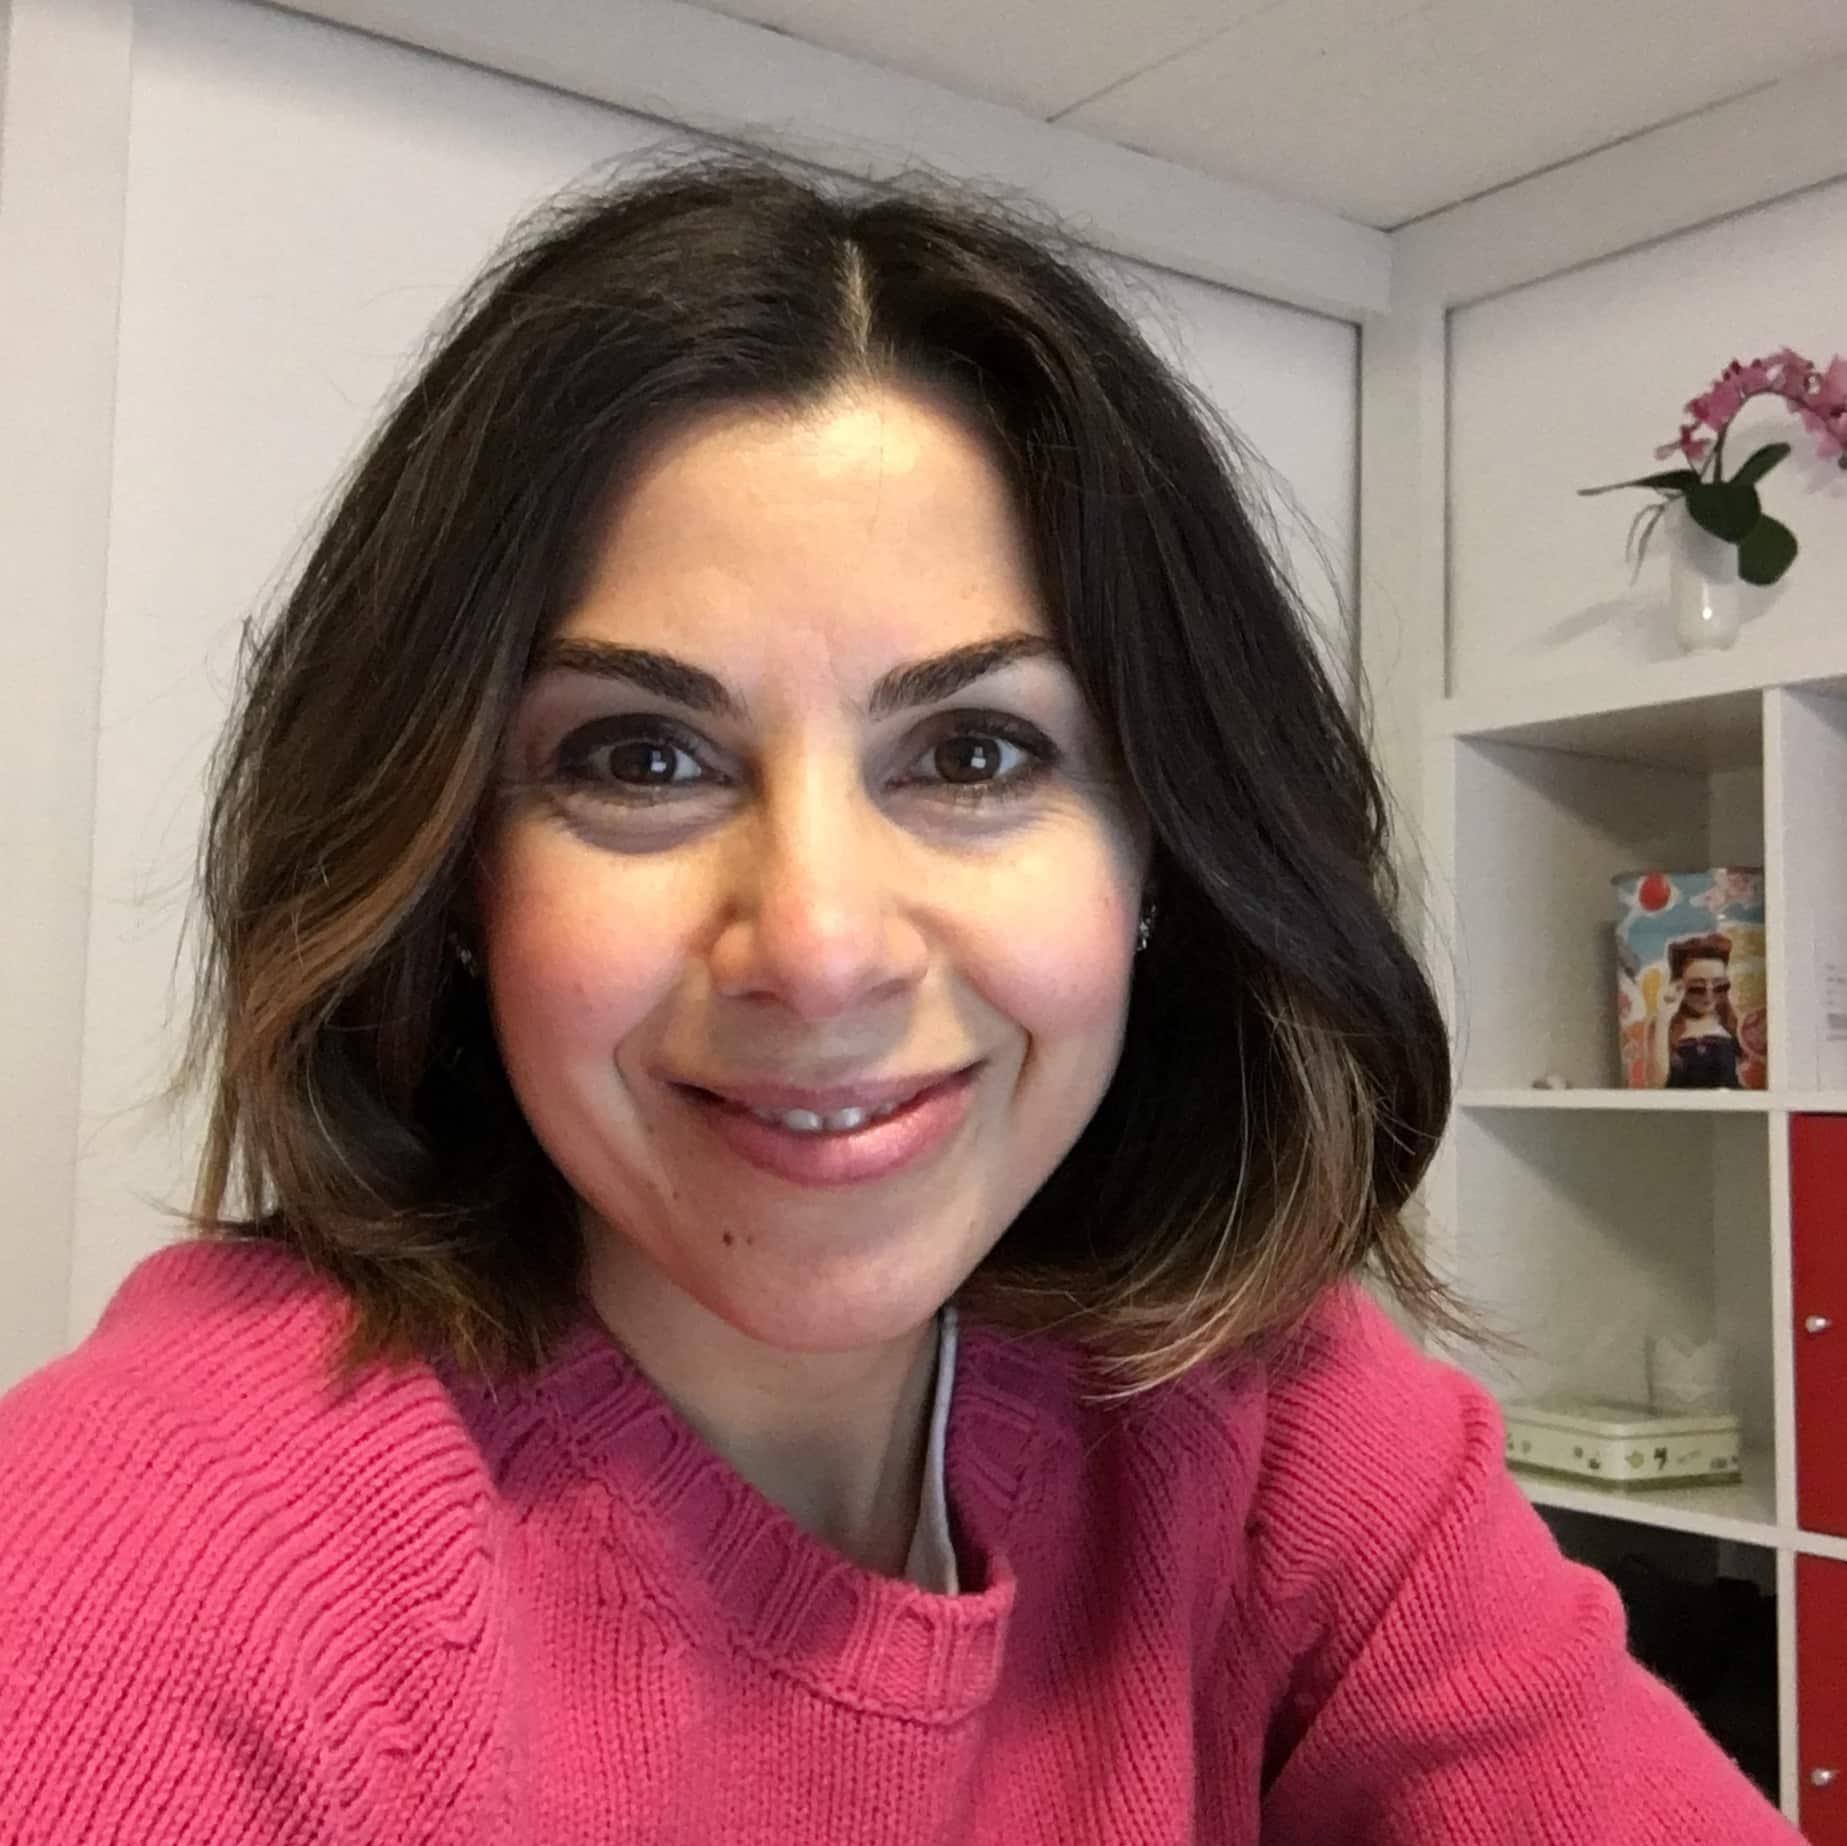 Emilia Angarano